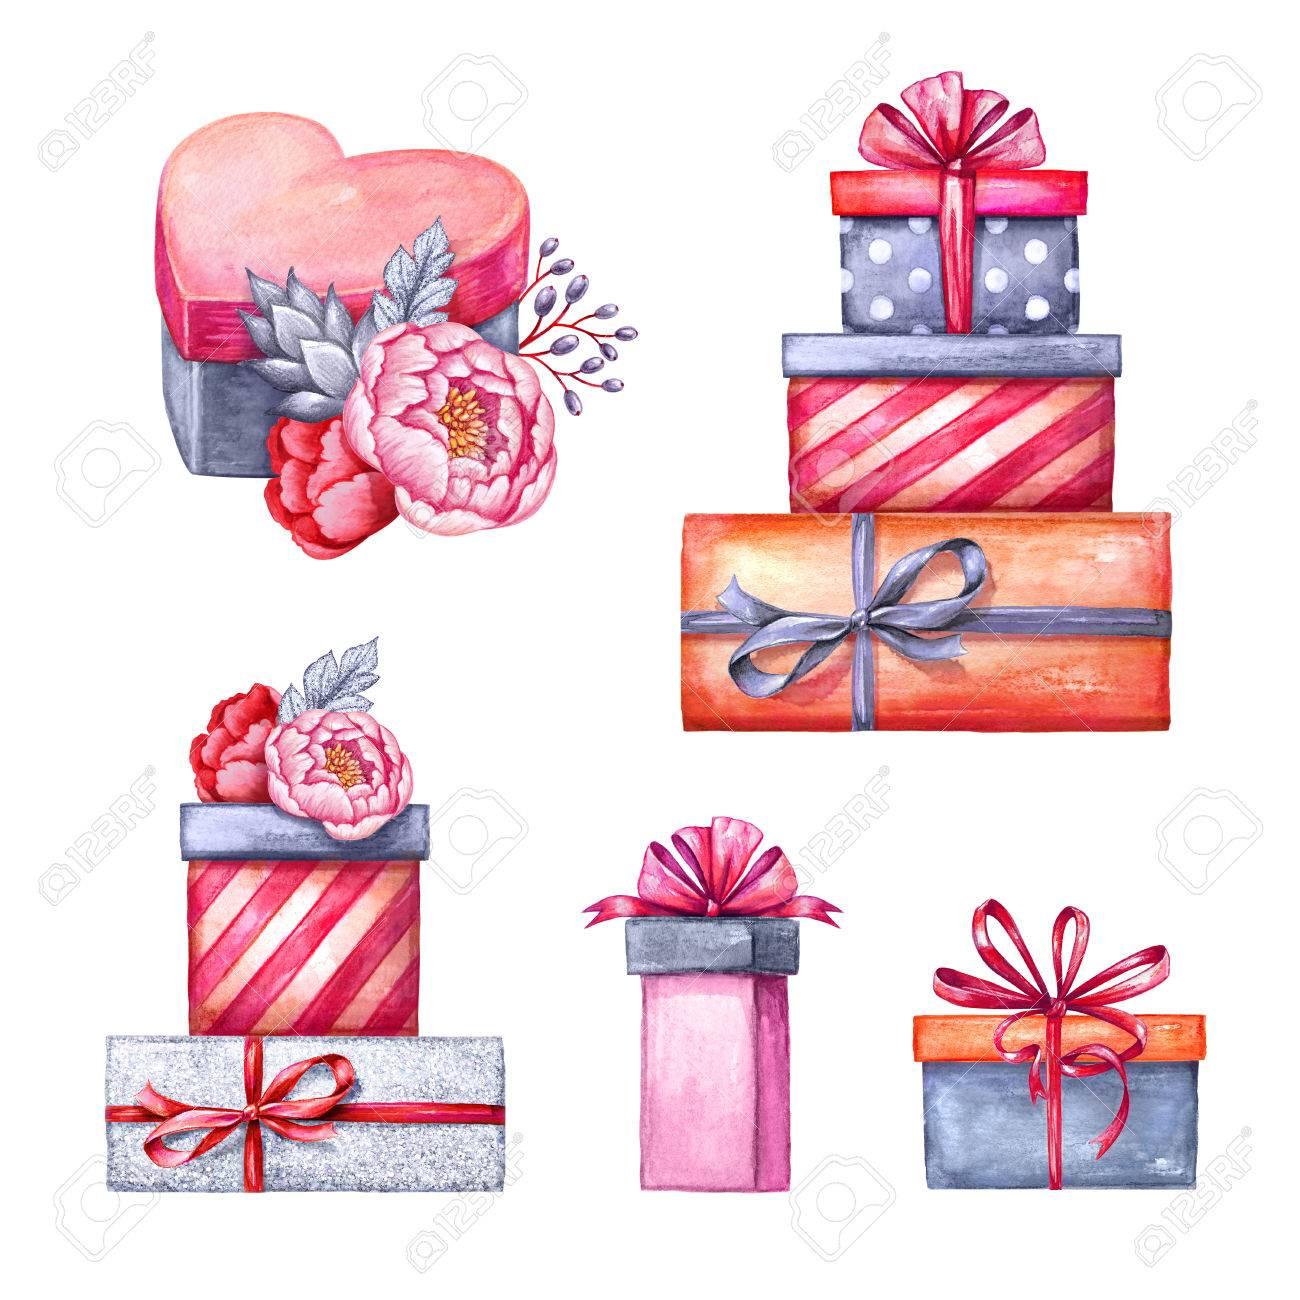 水彩イラスト ギフト ボックス山花飾りバレンタインのクリップアート